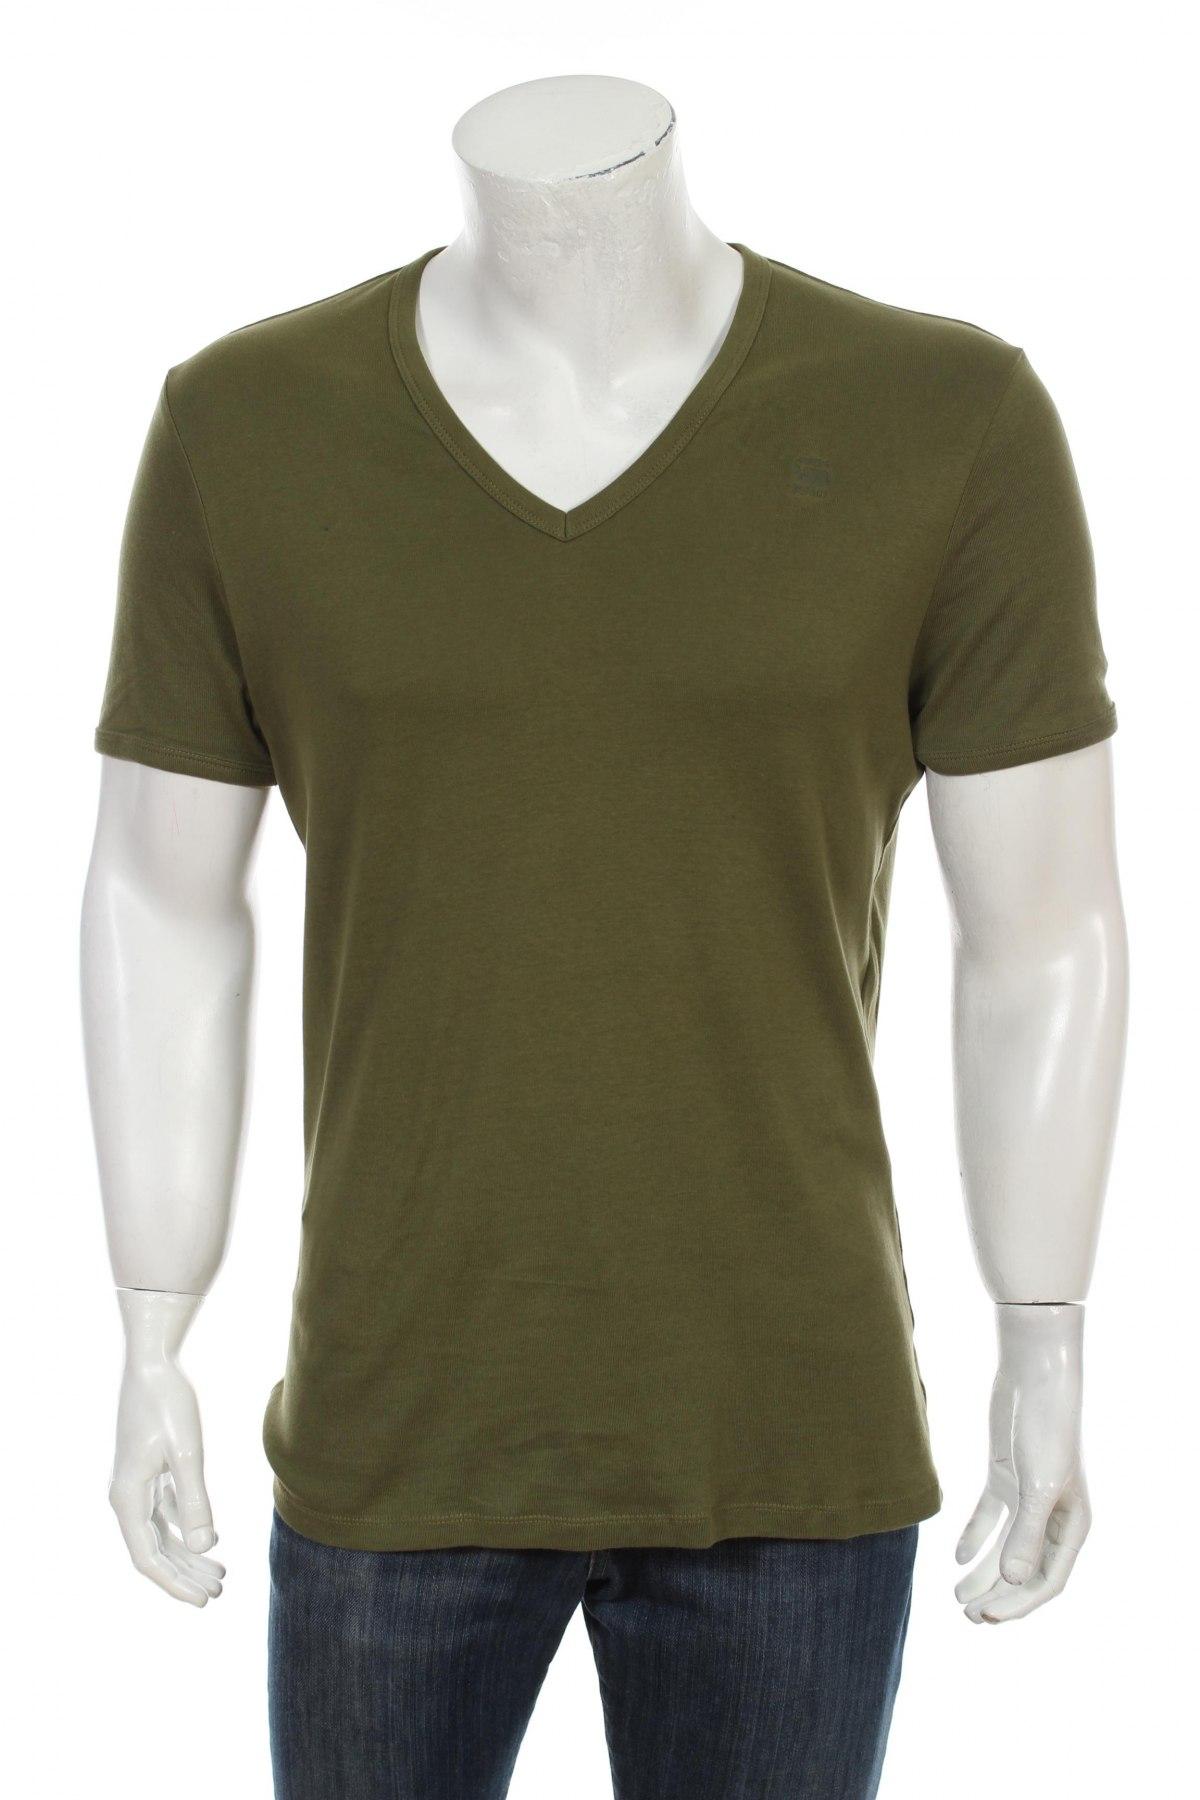 687611e0c69d Pánske tričko G-Star Raw - za výhodnú cenu na Remix -  103515631